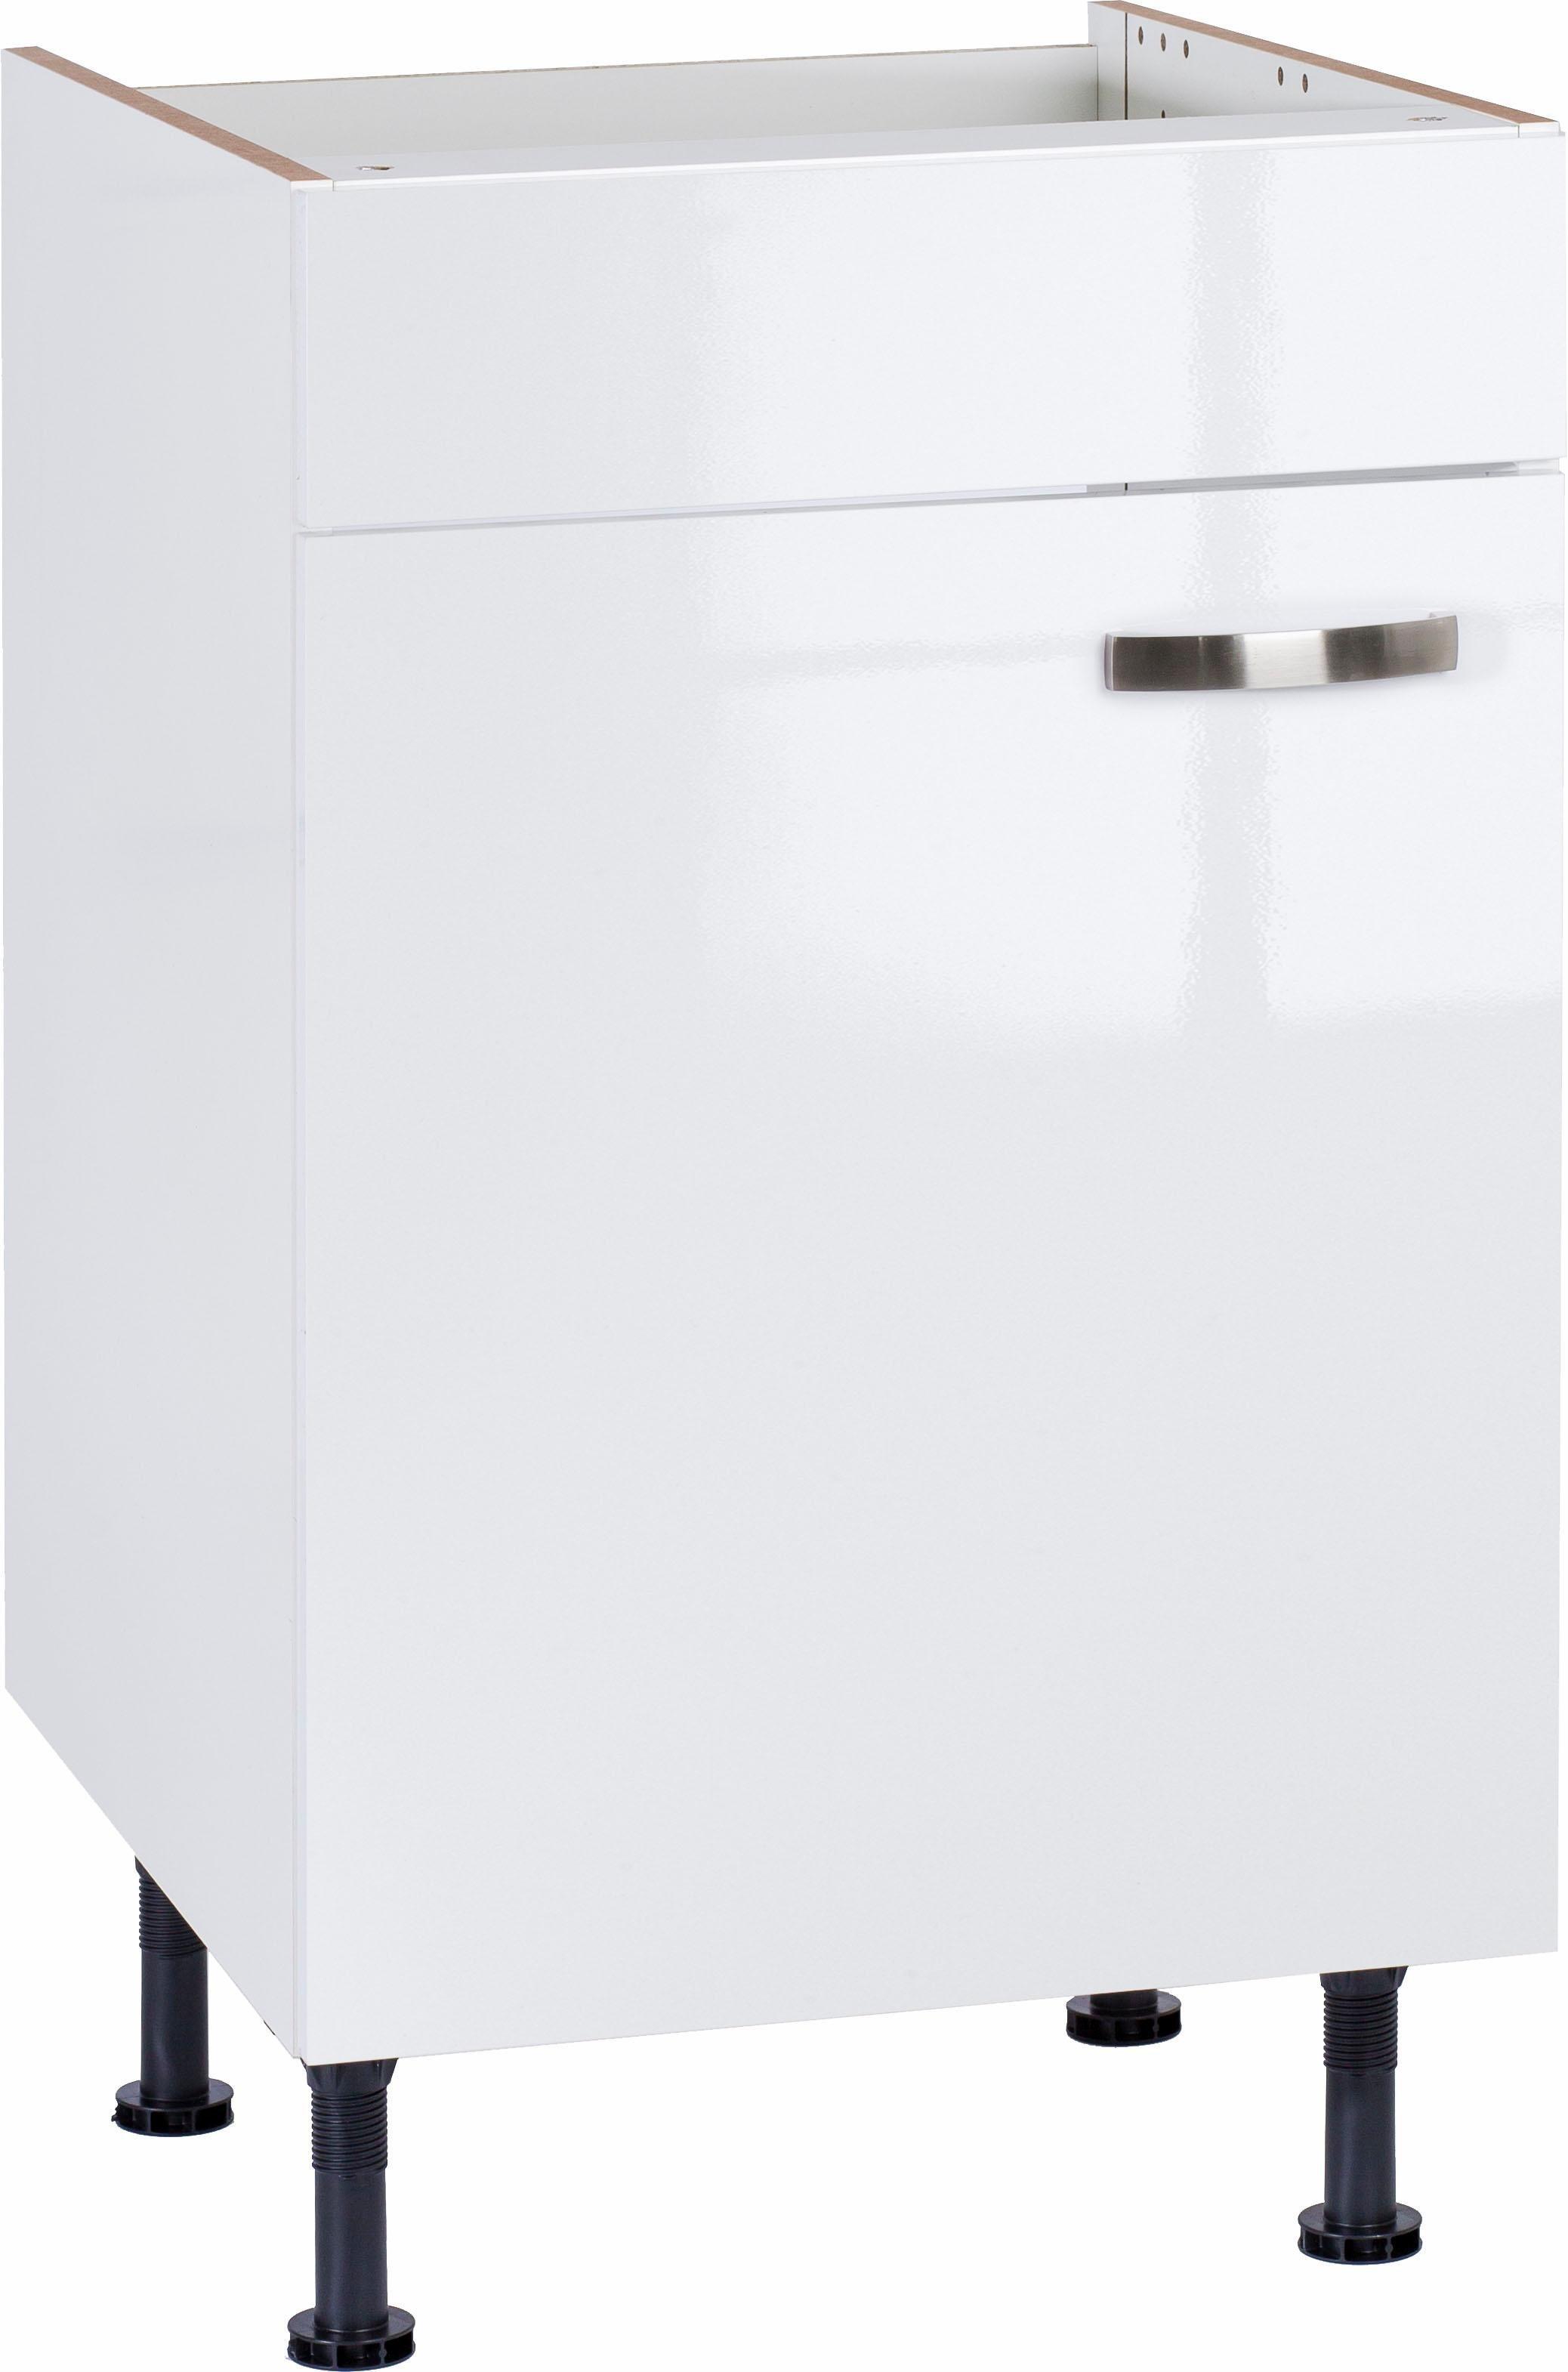 OPTIFIT »Cara« Spülenschrank, Breite 50 cm | Küche und Esszimmer > Küchenschränke > Spülenschränke | Anthrazit - Weiß - Glanz | Beton - Glänzend - Metall - Mdf - Melamin | OPTIFIT